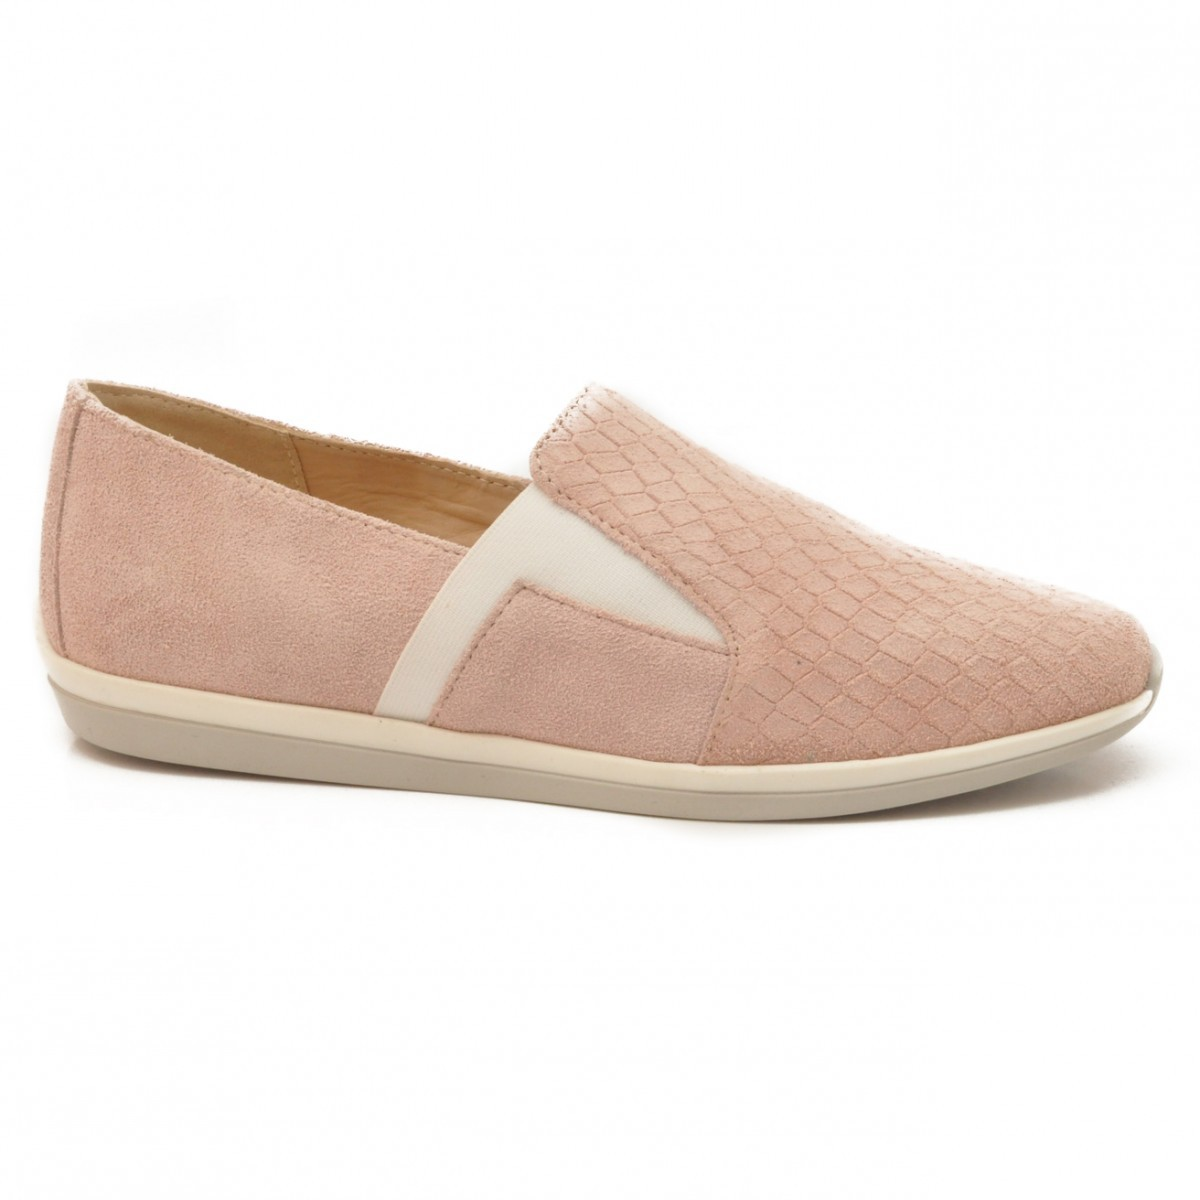 new style 44466 c4e0e Caprice Ženski nizki čevlji 9-24640-26RR RO.STR/RO.SUED ...